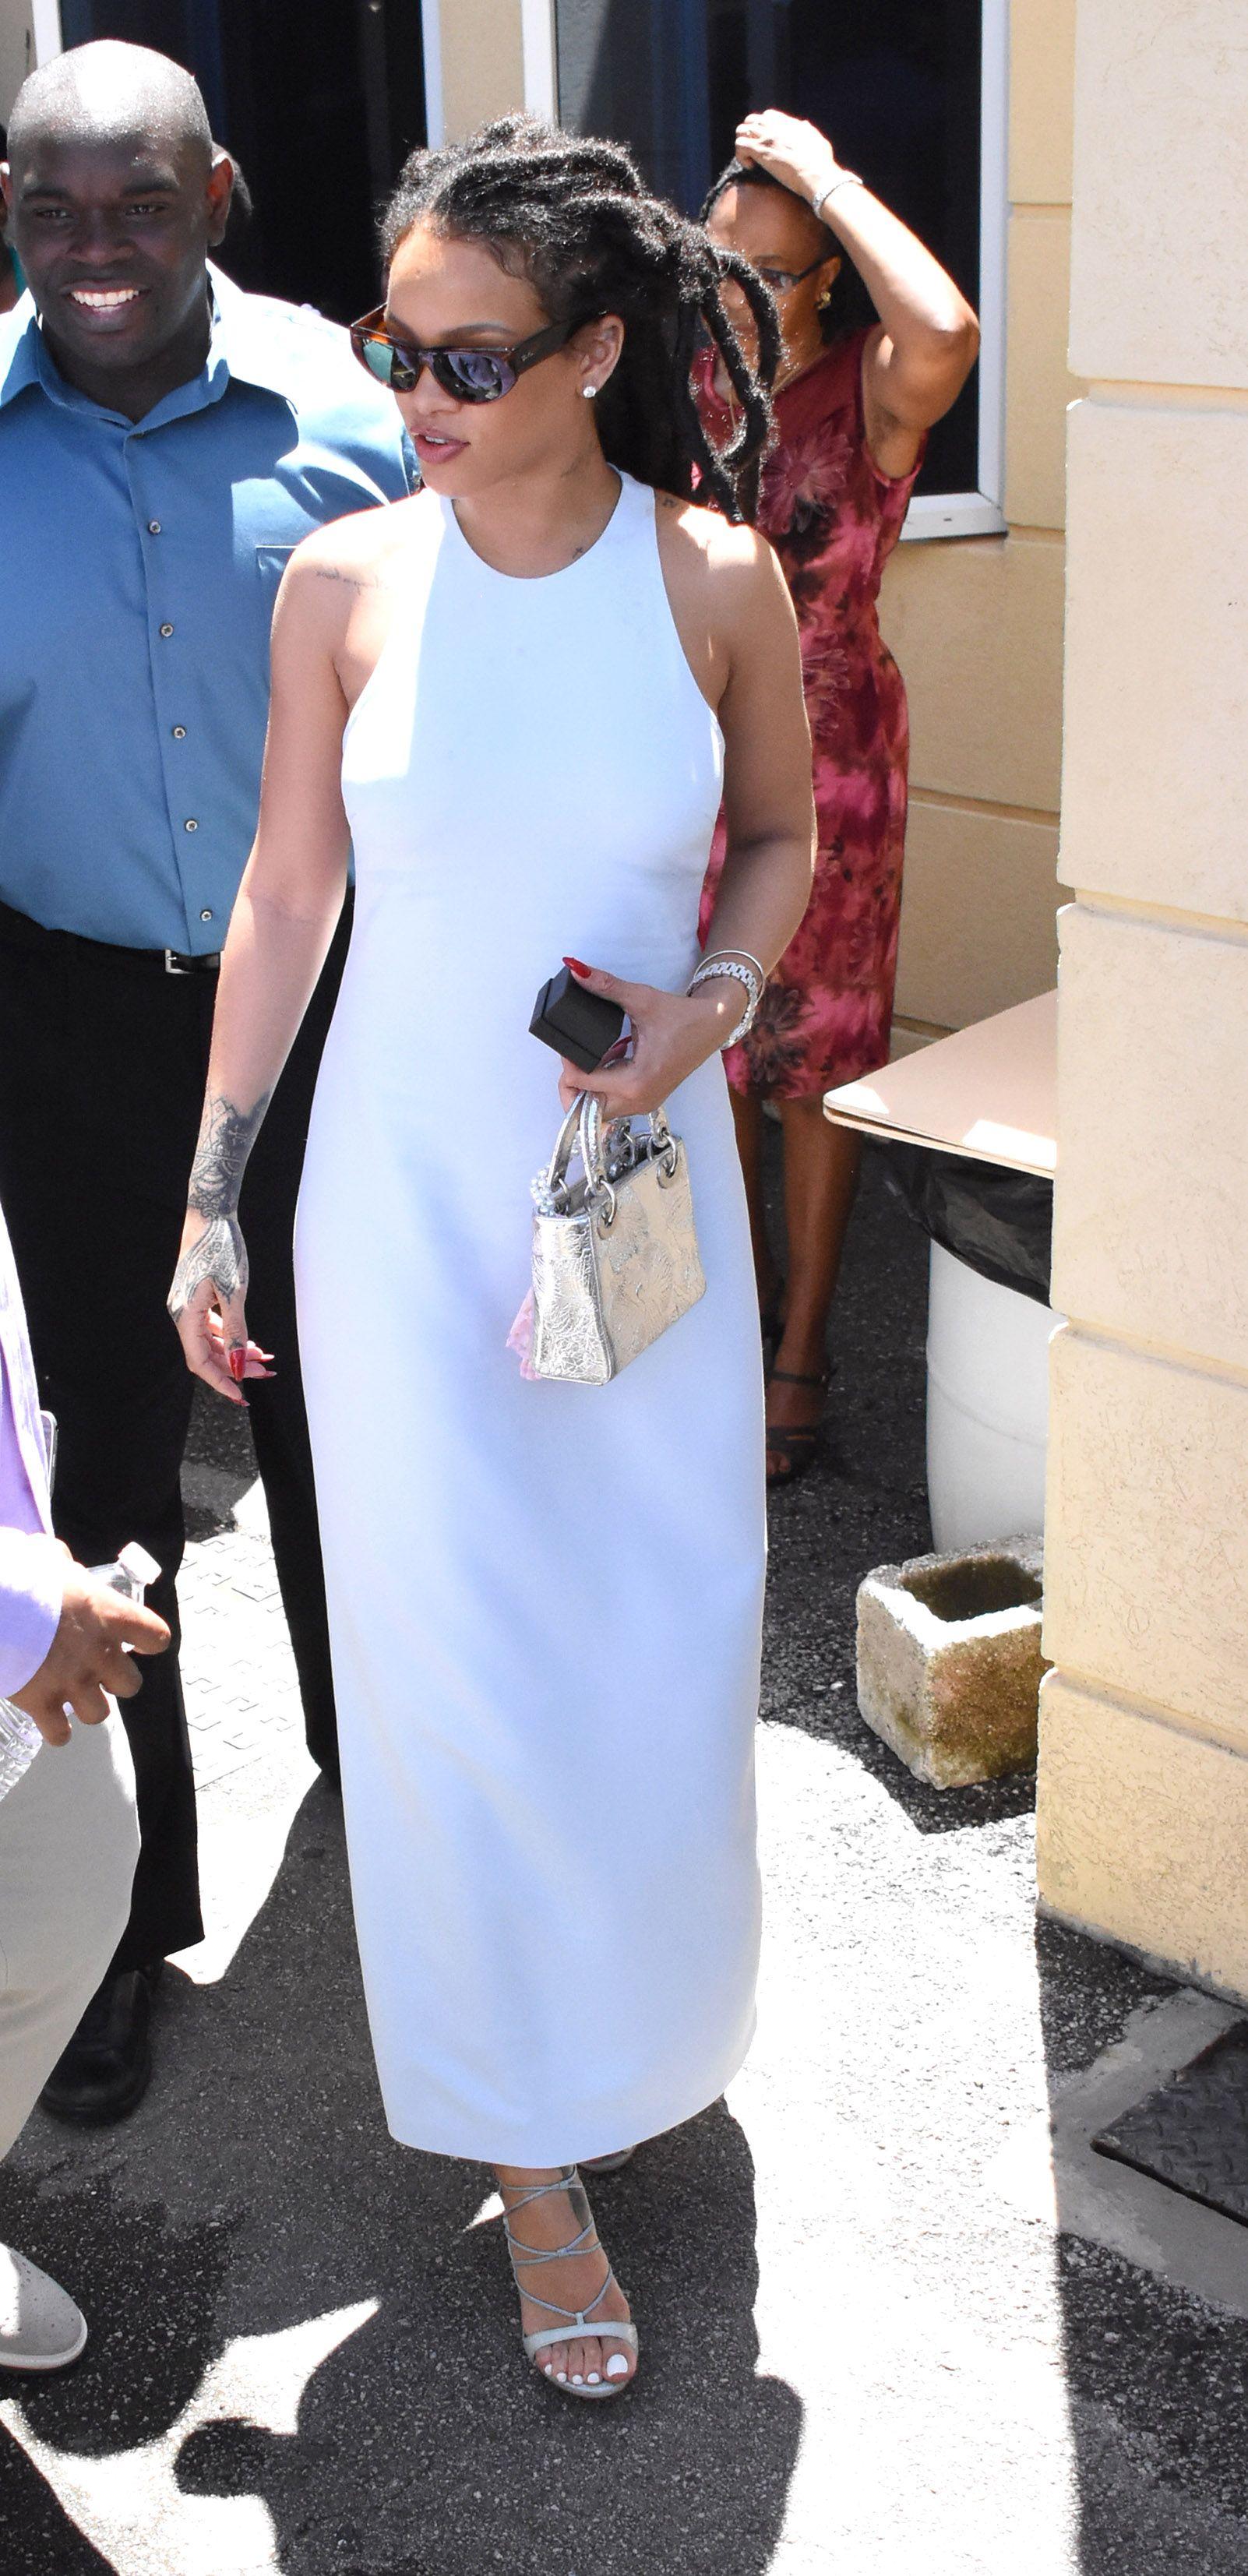 Style a white dress